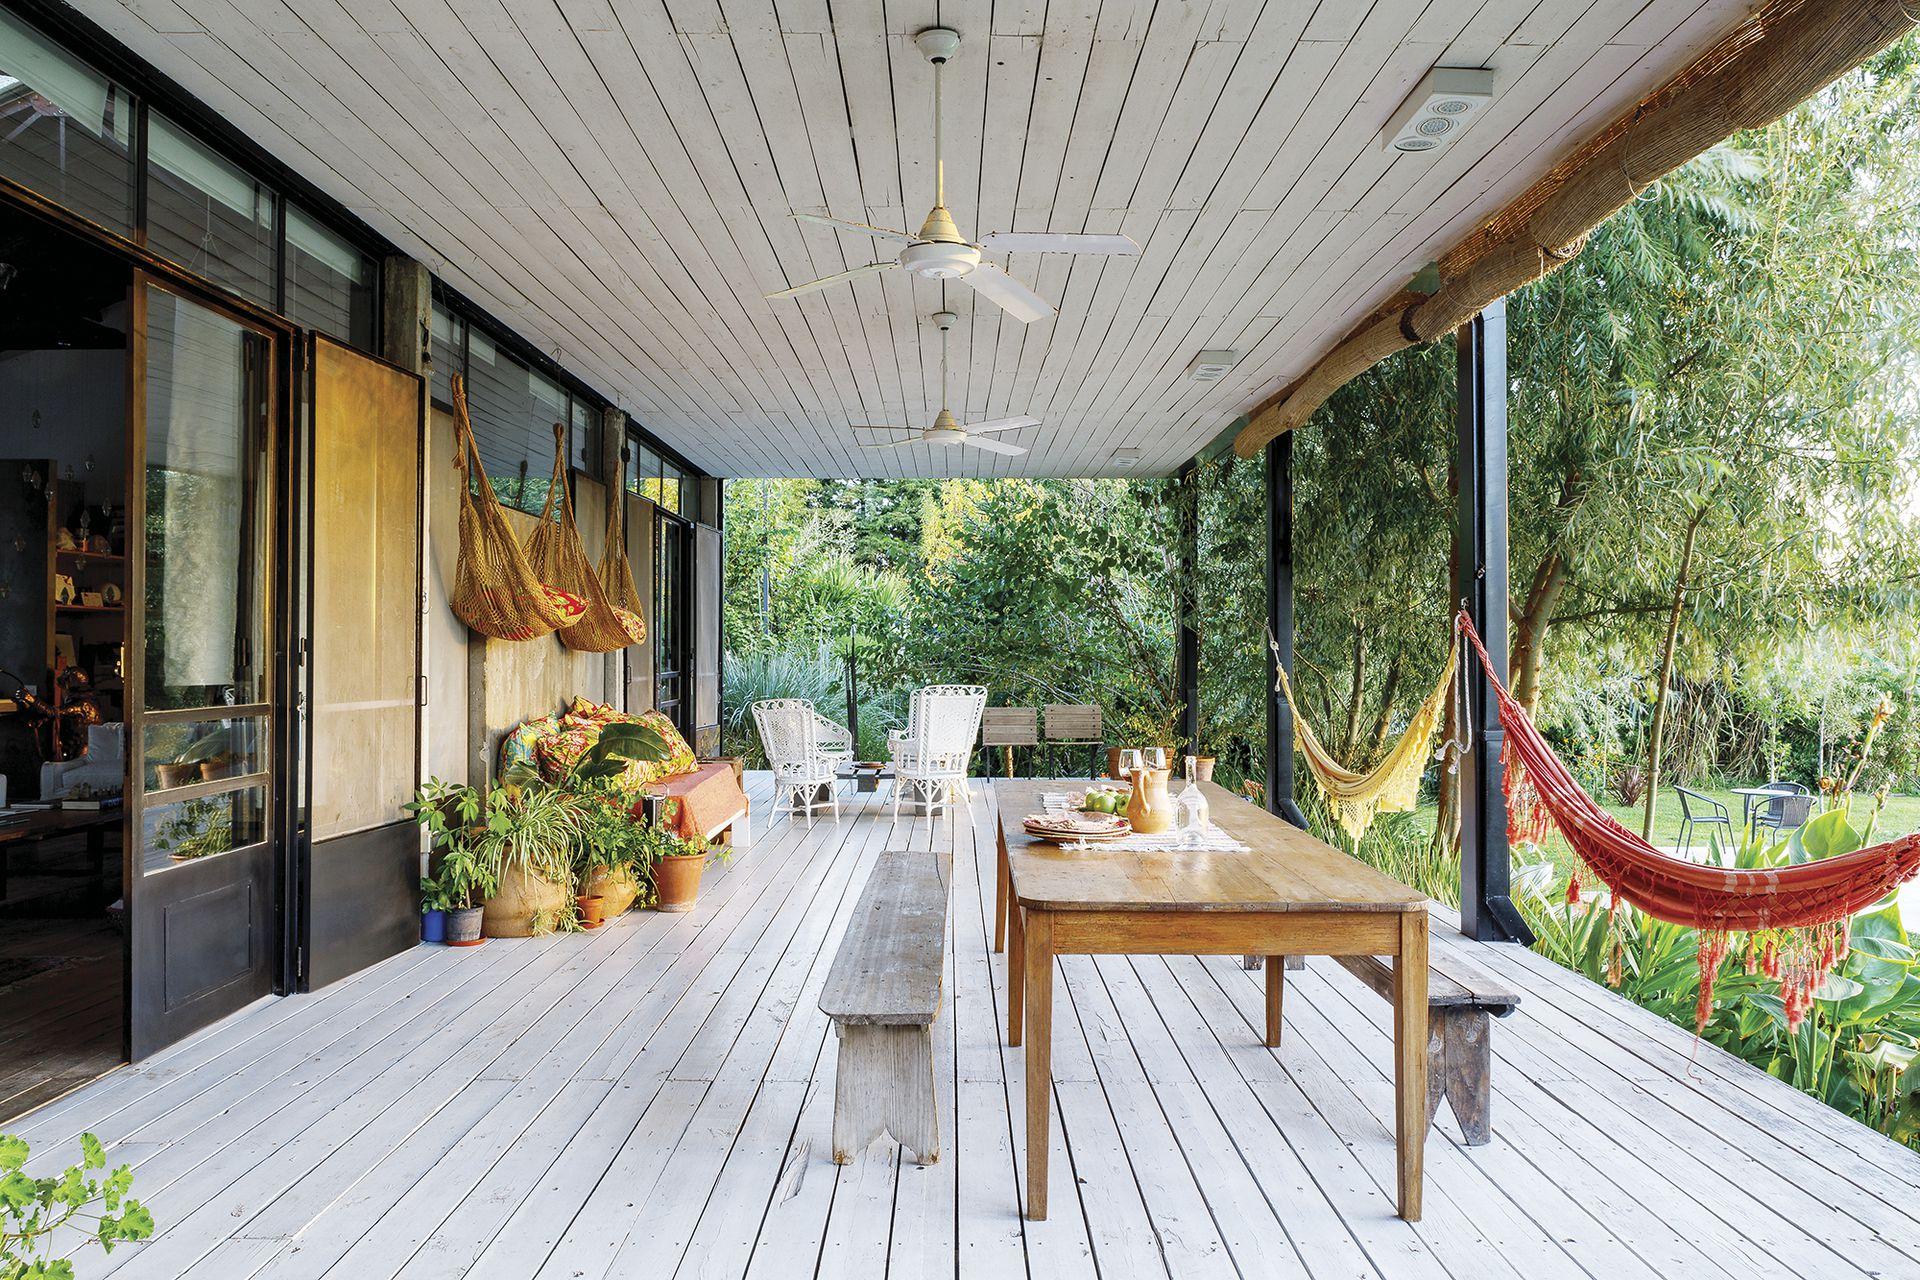 En la galería, mesa y banco de madera, dos hallazgos de Berna en una compraventa de la zona. Hamacas traídas de Brasil y ventiladores de techo (Martin & Martin).